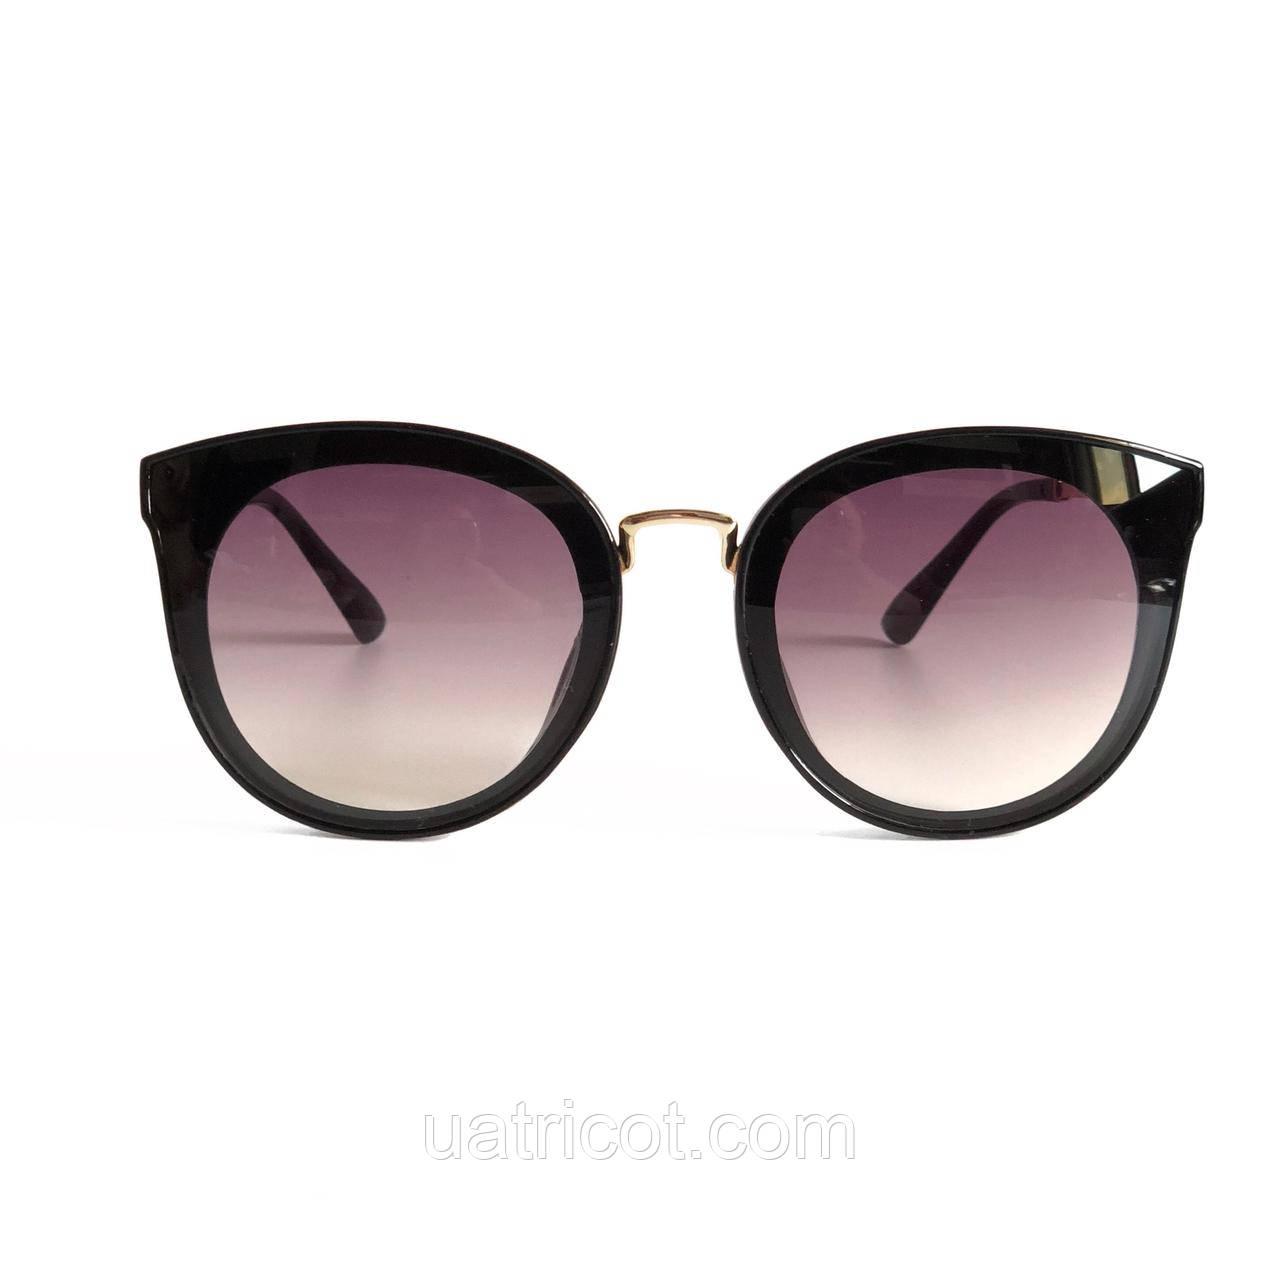 Женские солнцезащитные очки Сat eye с лавандовыми линзами